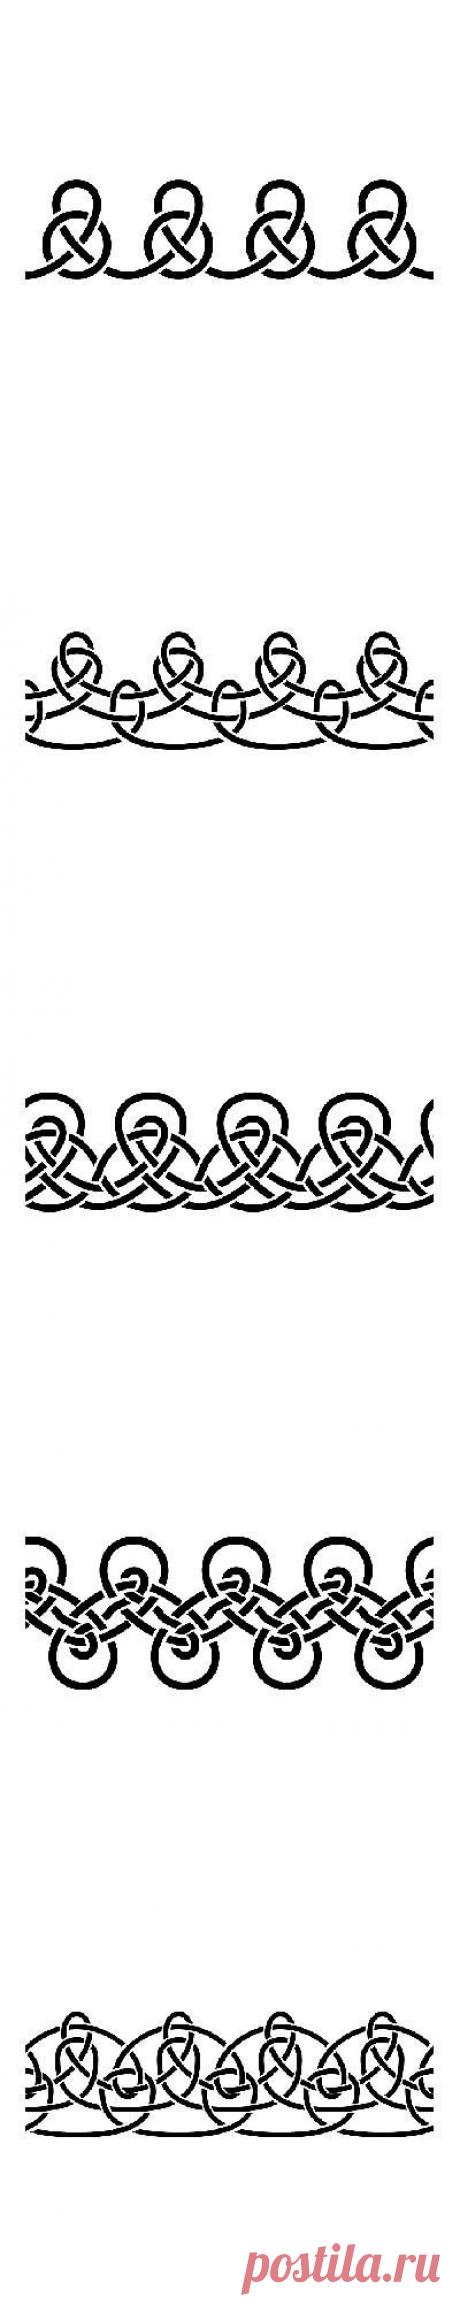 Браслет Кельтский зигзаг + рисунки узоров, орнаменты кельтских племён